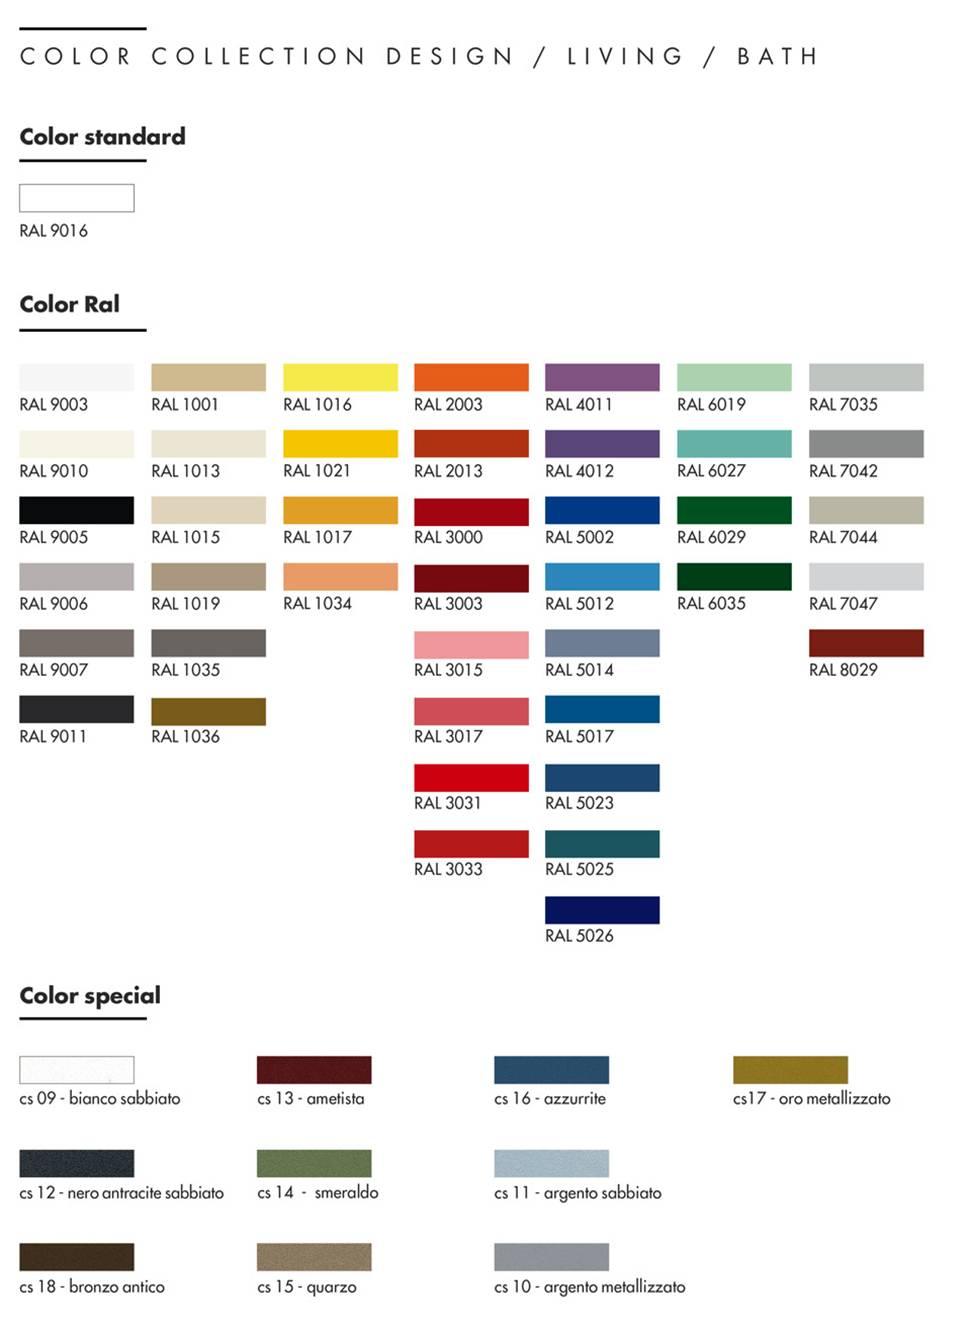 tabella_colori_Graziano_radiators_STANDARD_-_RAL_-_SPECIAL